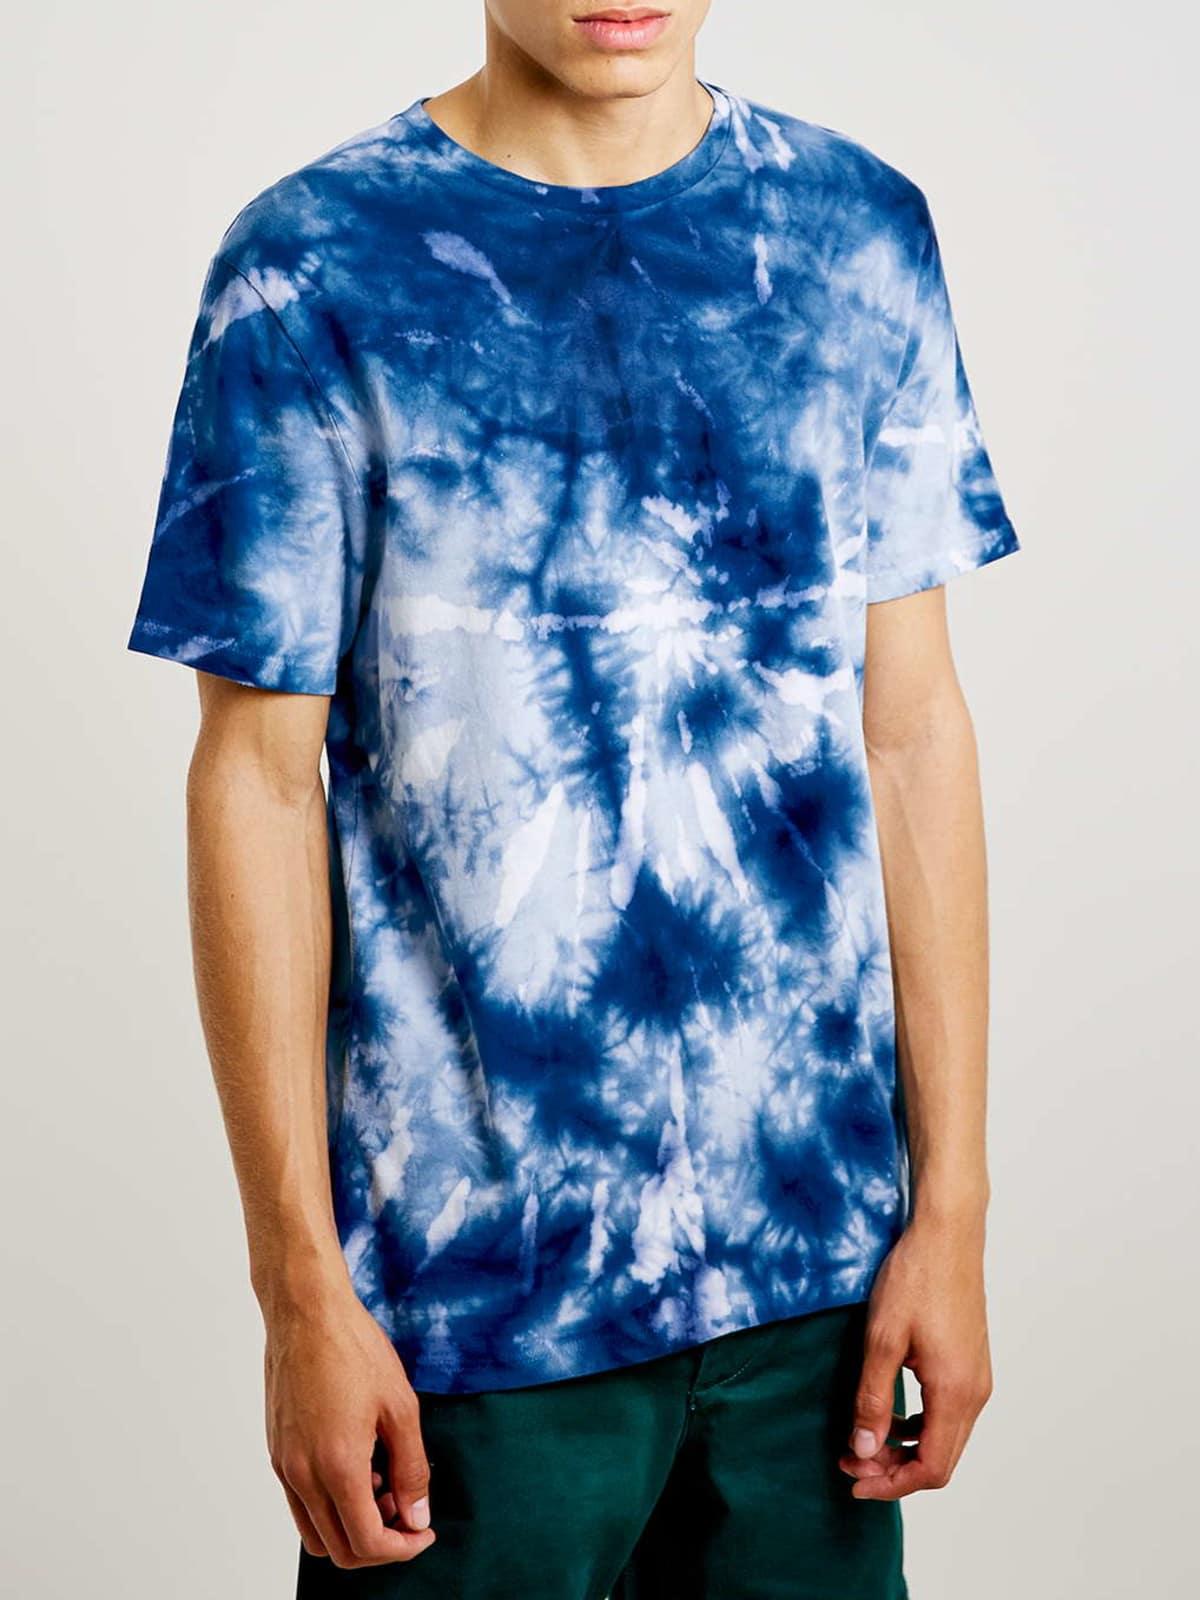 Topman blue tiedye slim fit tee $25